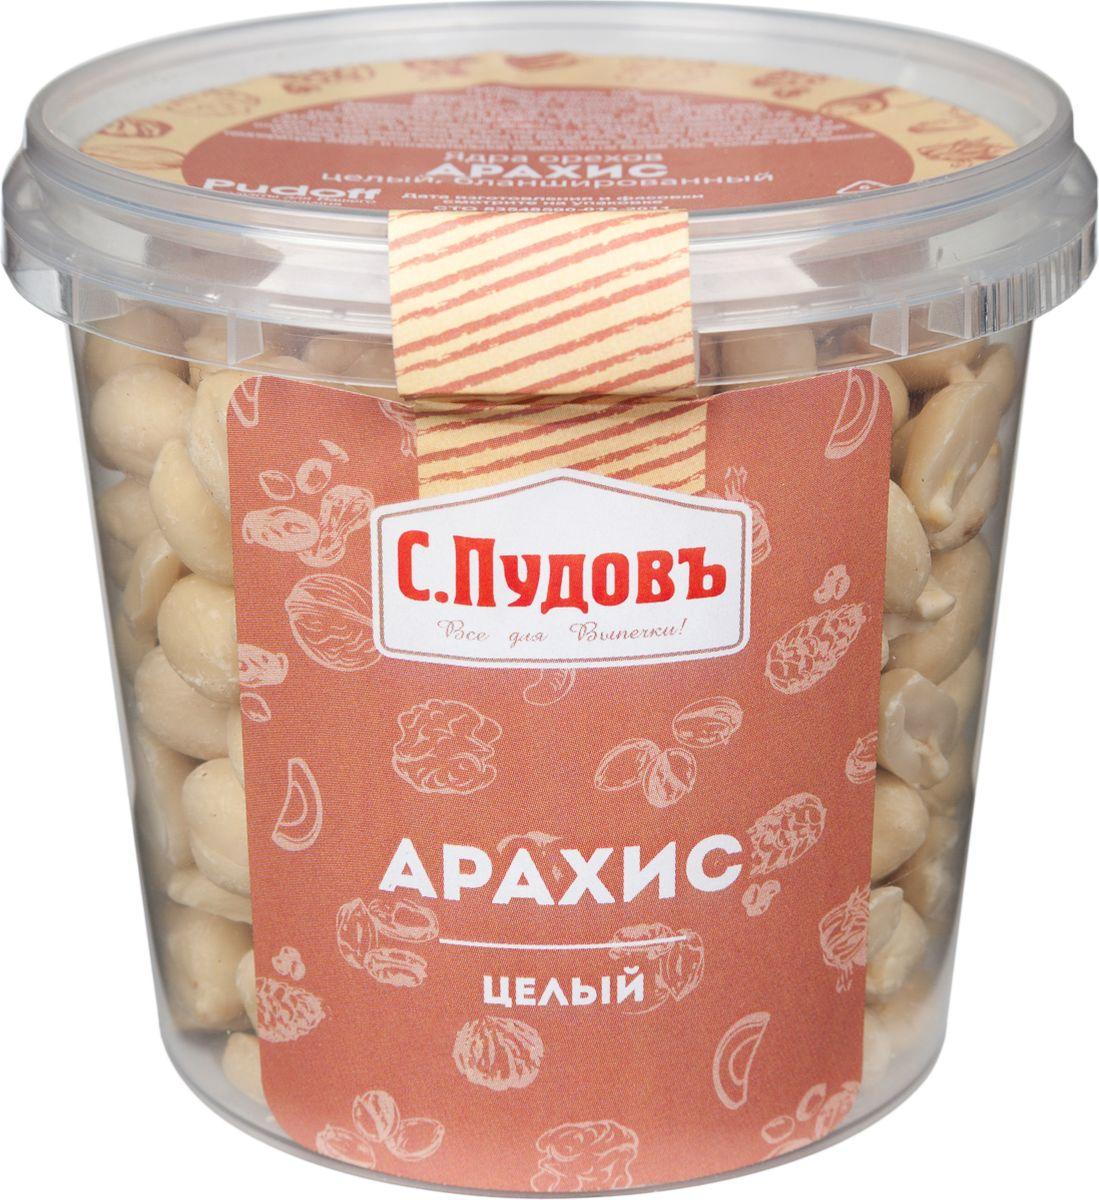 Пудовъ арахис целый, 200 г арахис tao yongxiang 400g